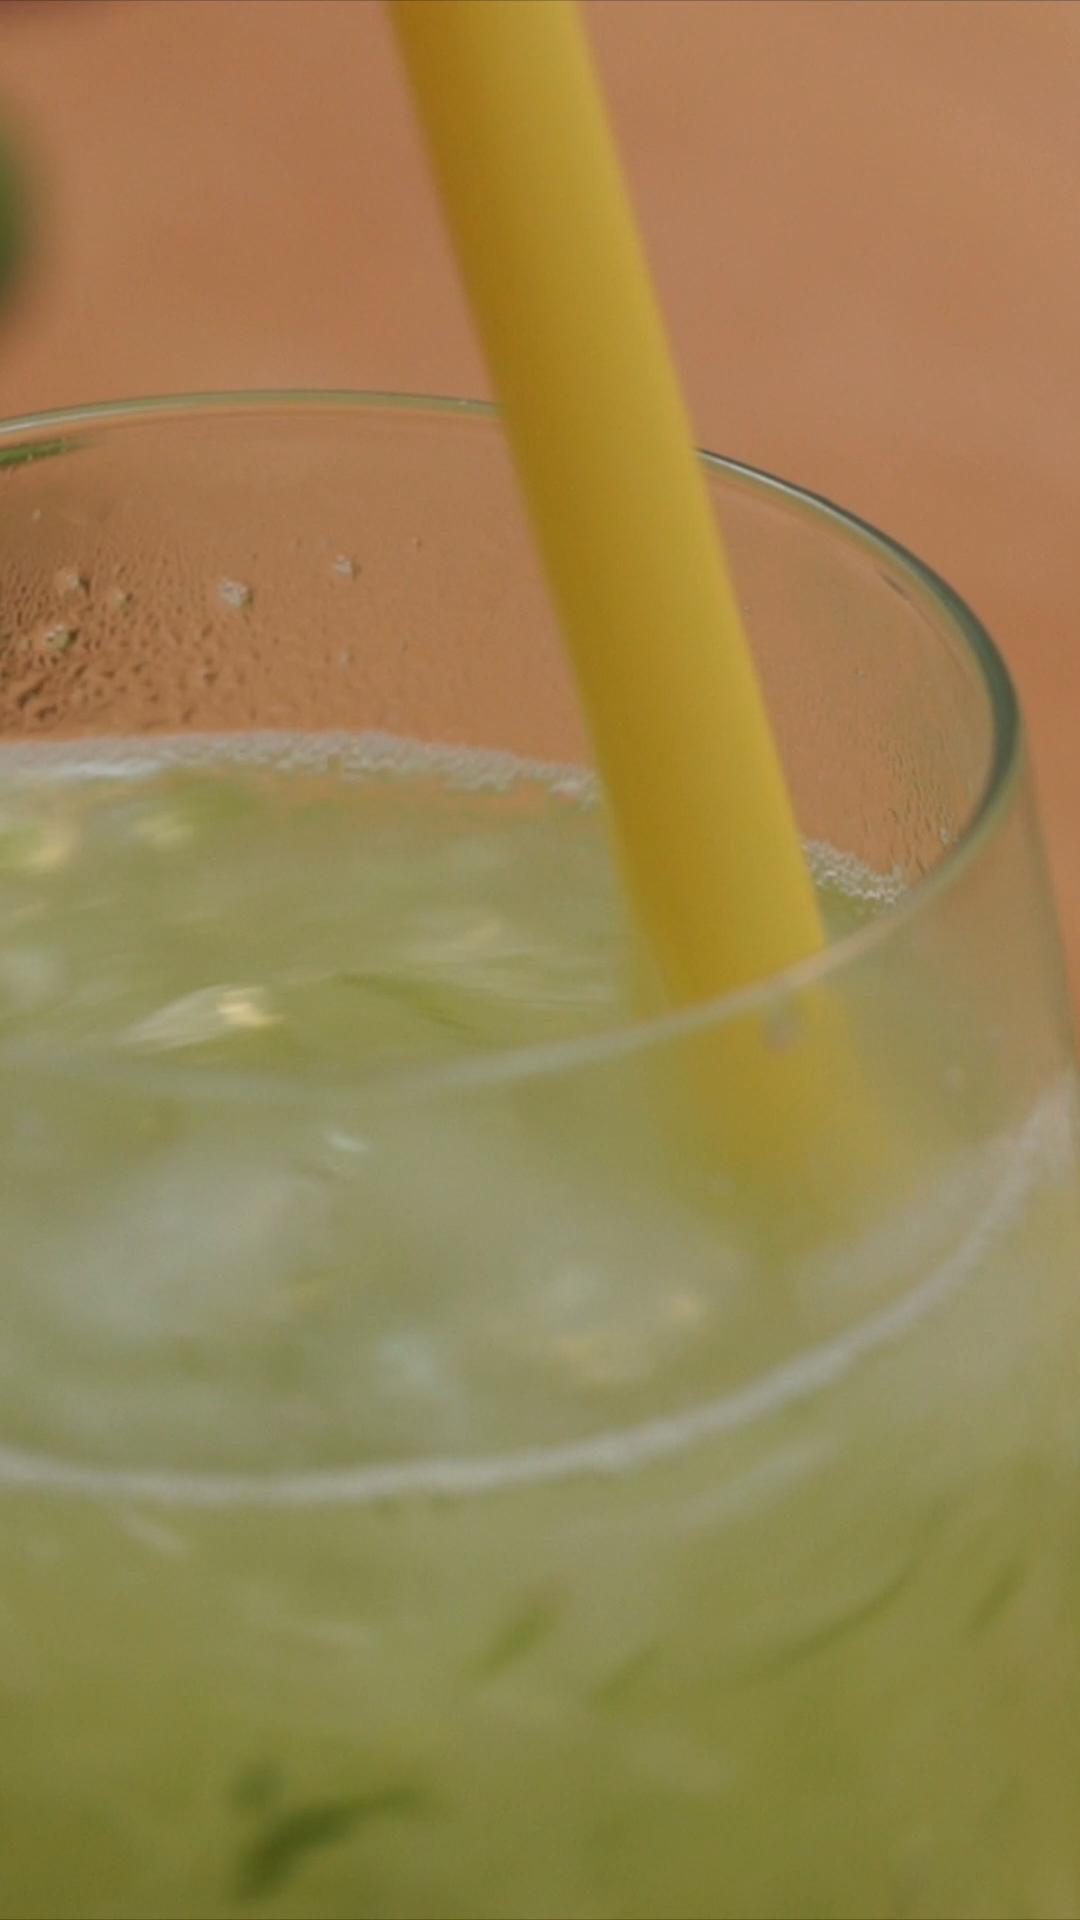 """Es Timun Serut adalah minuman khas Indonesia yang berasal dari Provinsi Nanggroe Aceh Darussalam. Es Timun Serut atau lebih dikenal """"Le Boh Timon"""" oleh masyarakat Aceh, merupakan sebuah minuman yang berbahan dasar dari sayuran timun."""